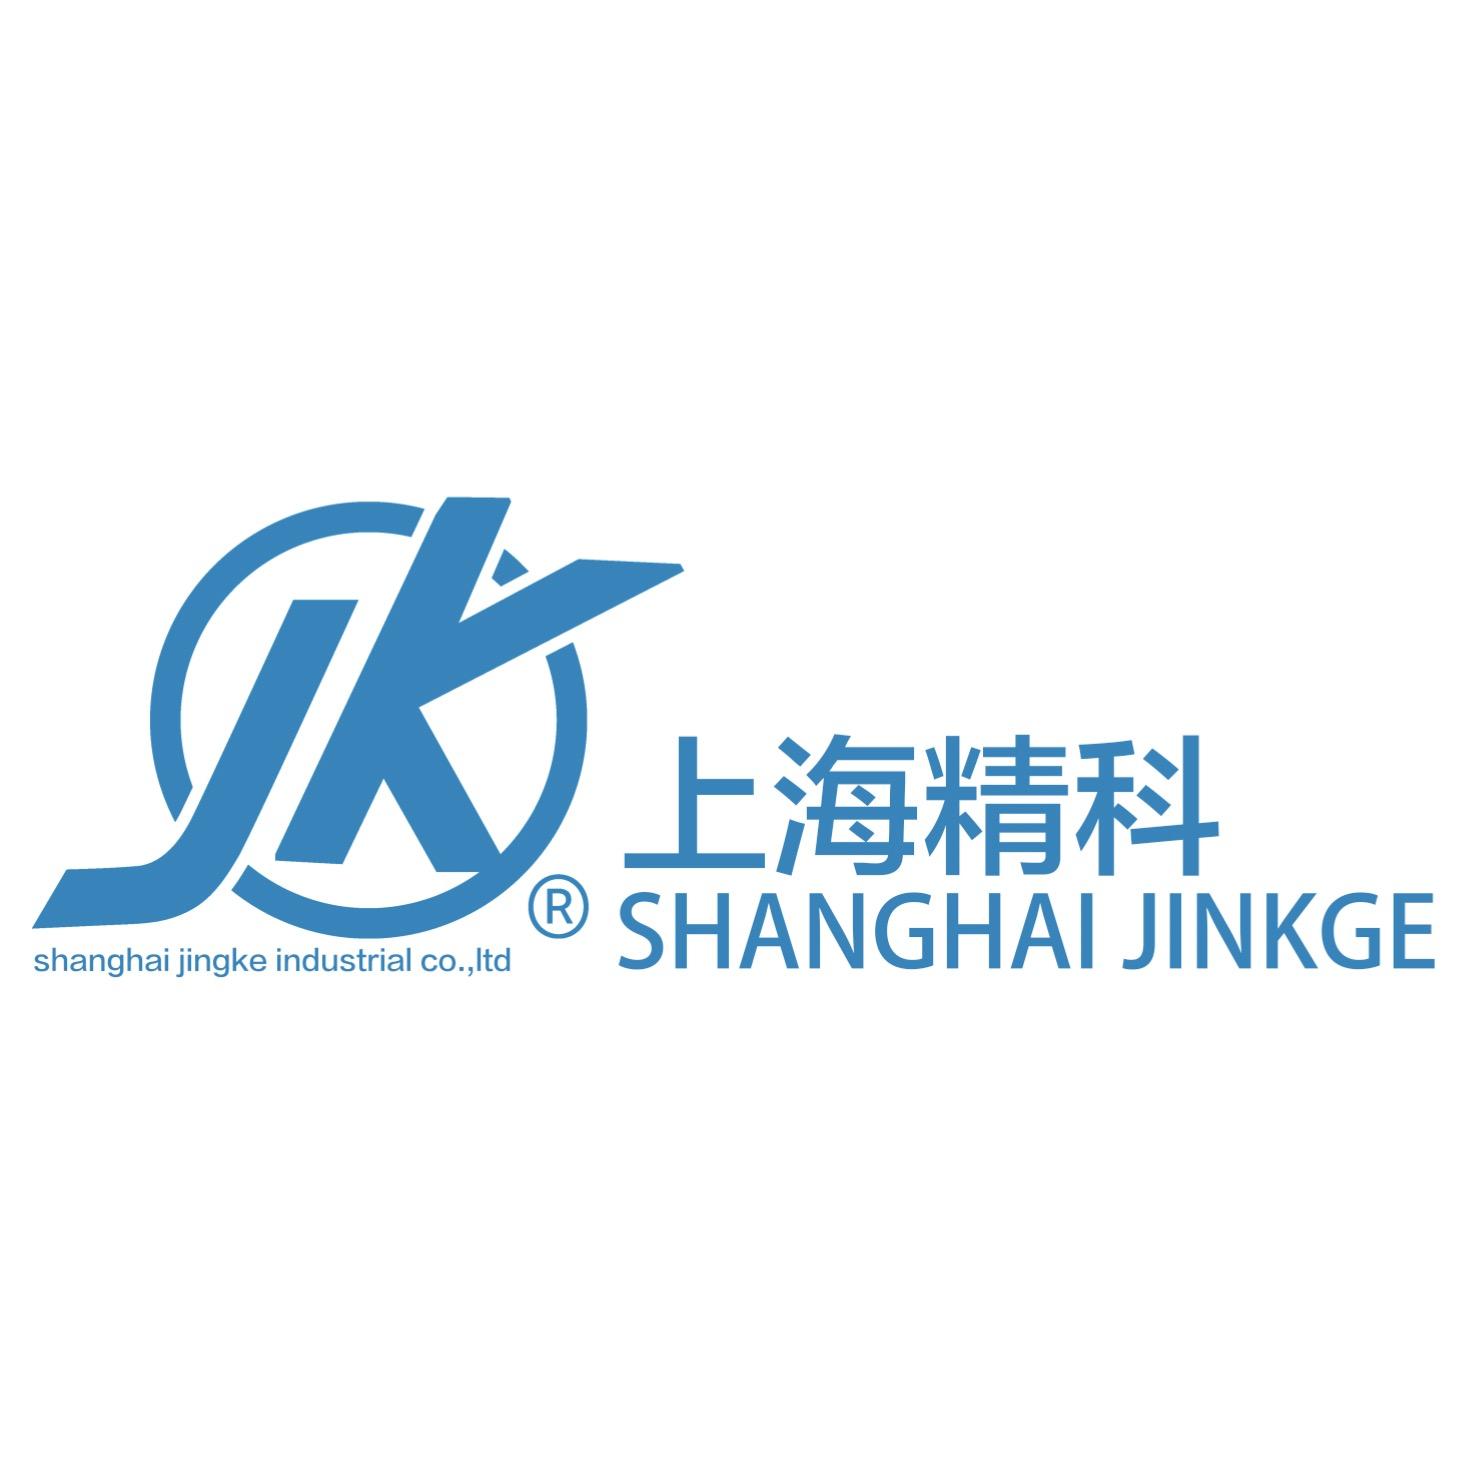 上海精科实业有限公司